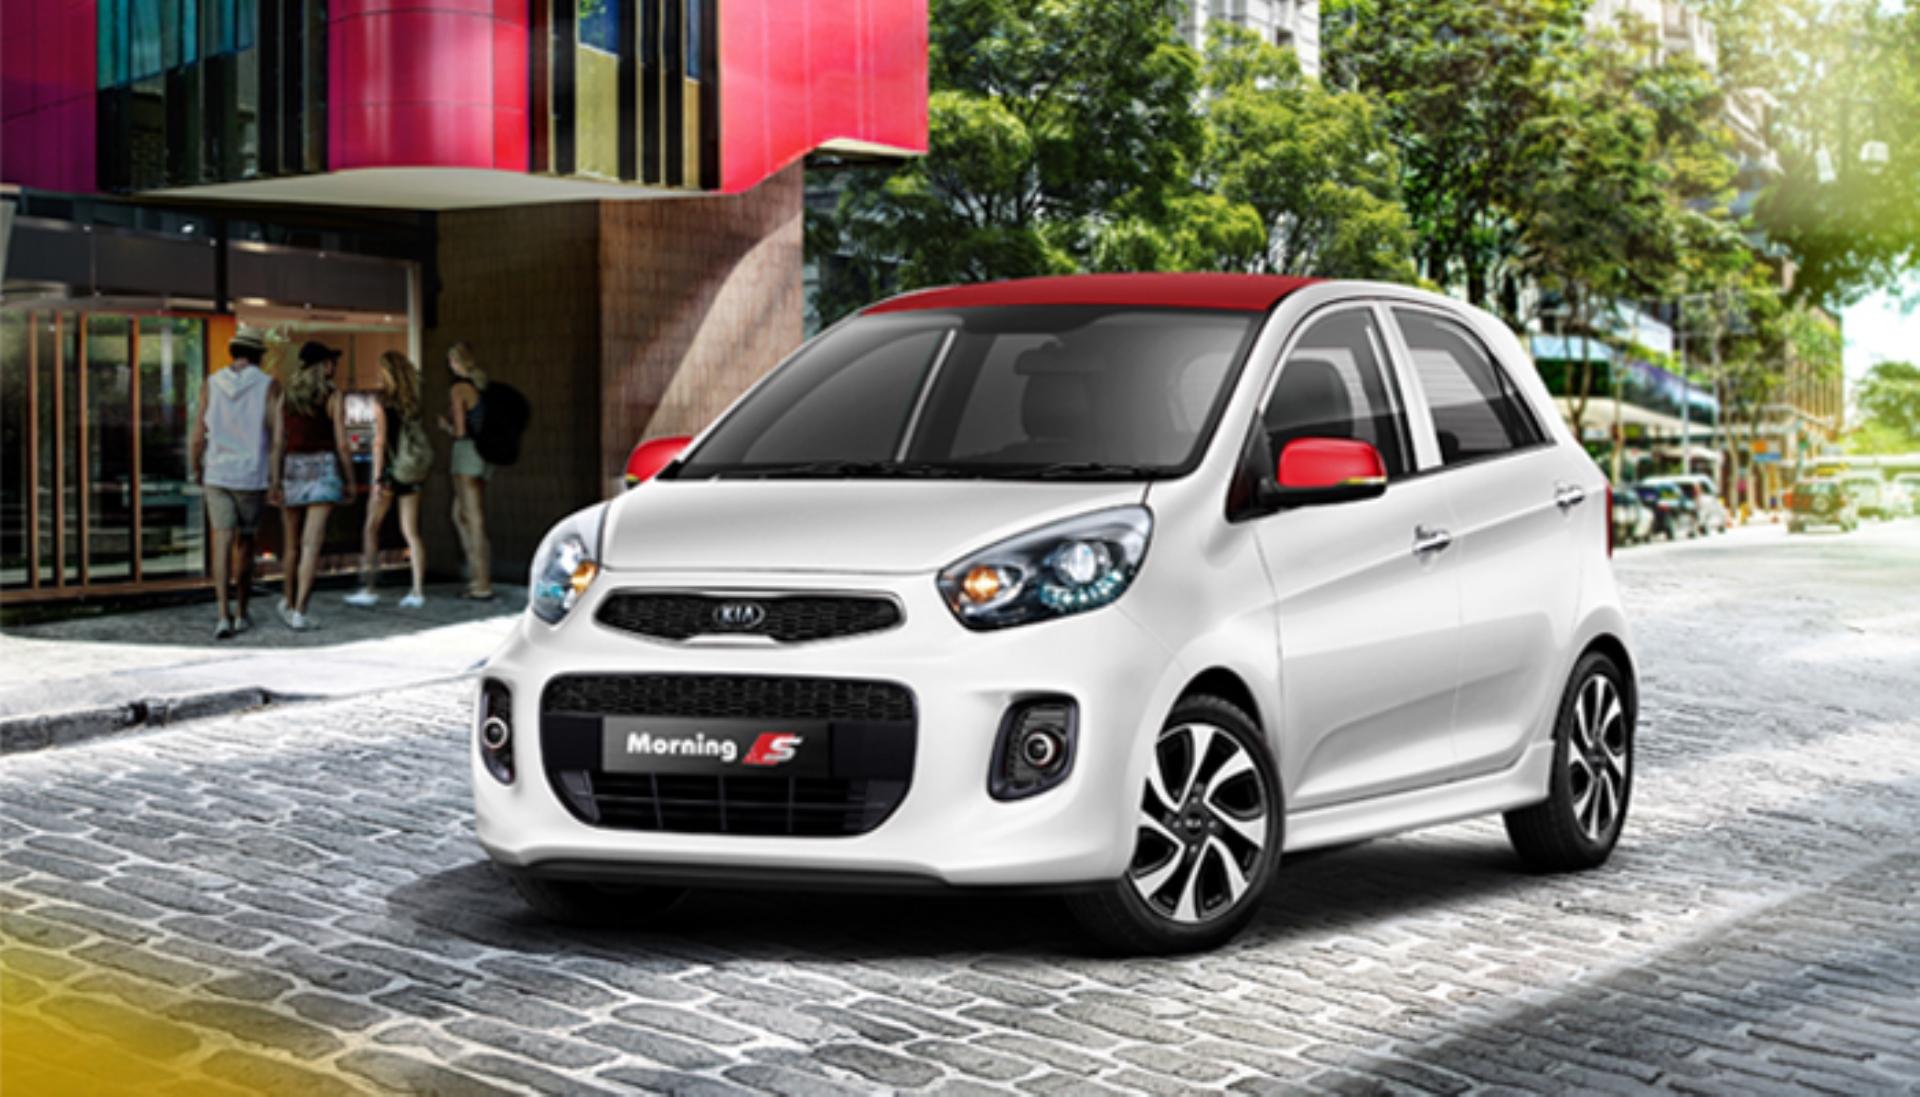 Giá bán chi tiết cho từng mẫu xe Kia tháng 9/2018 tại Việt Nam